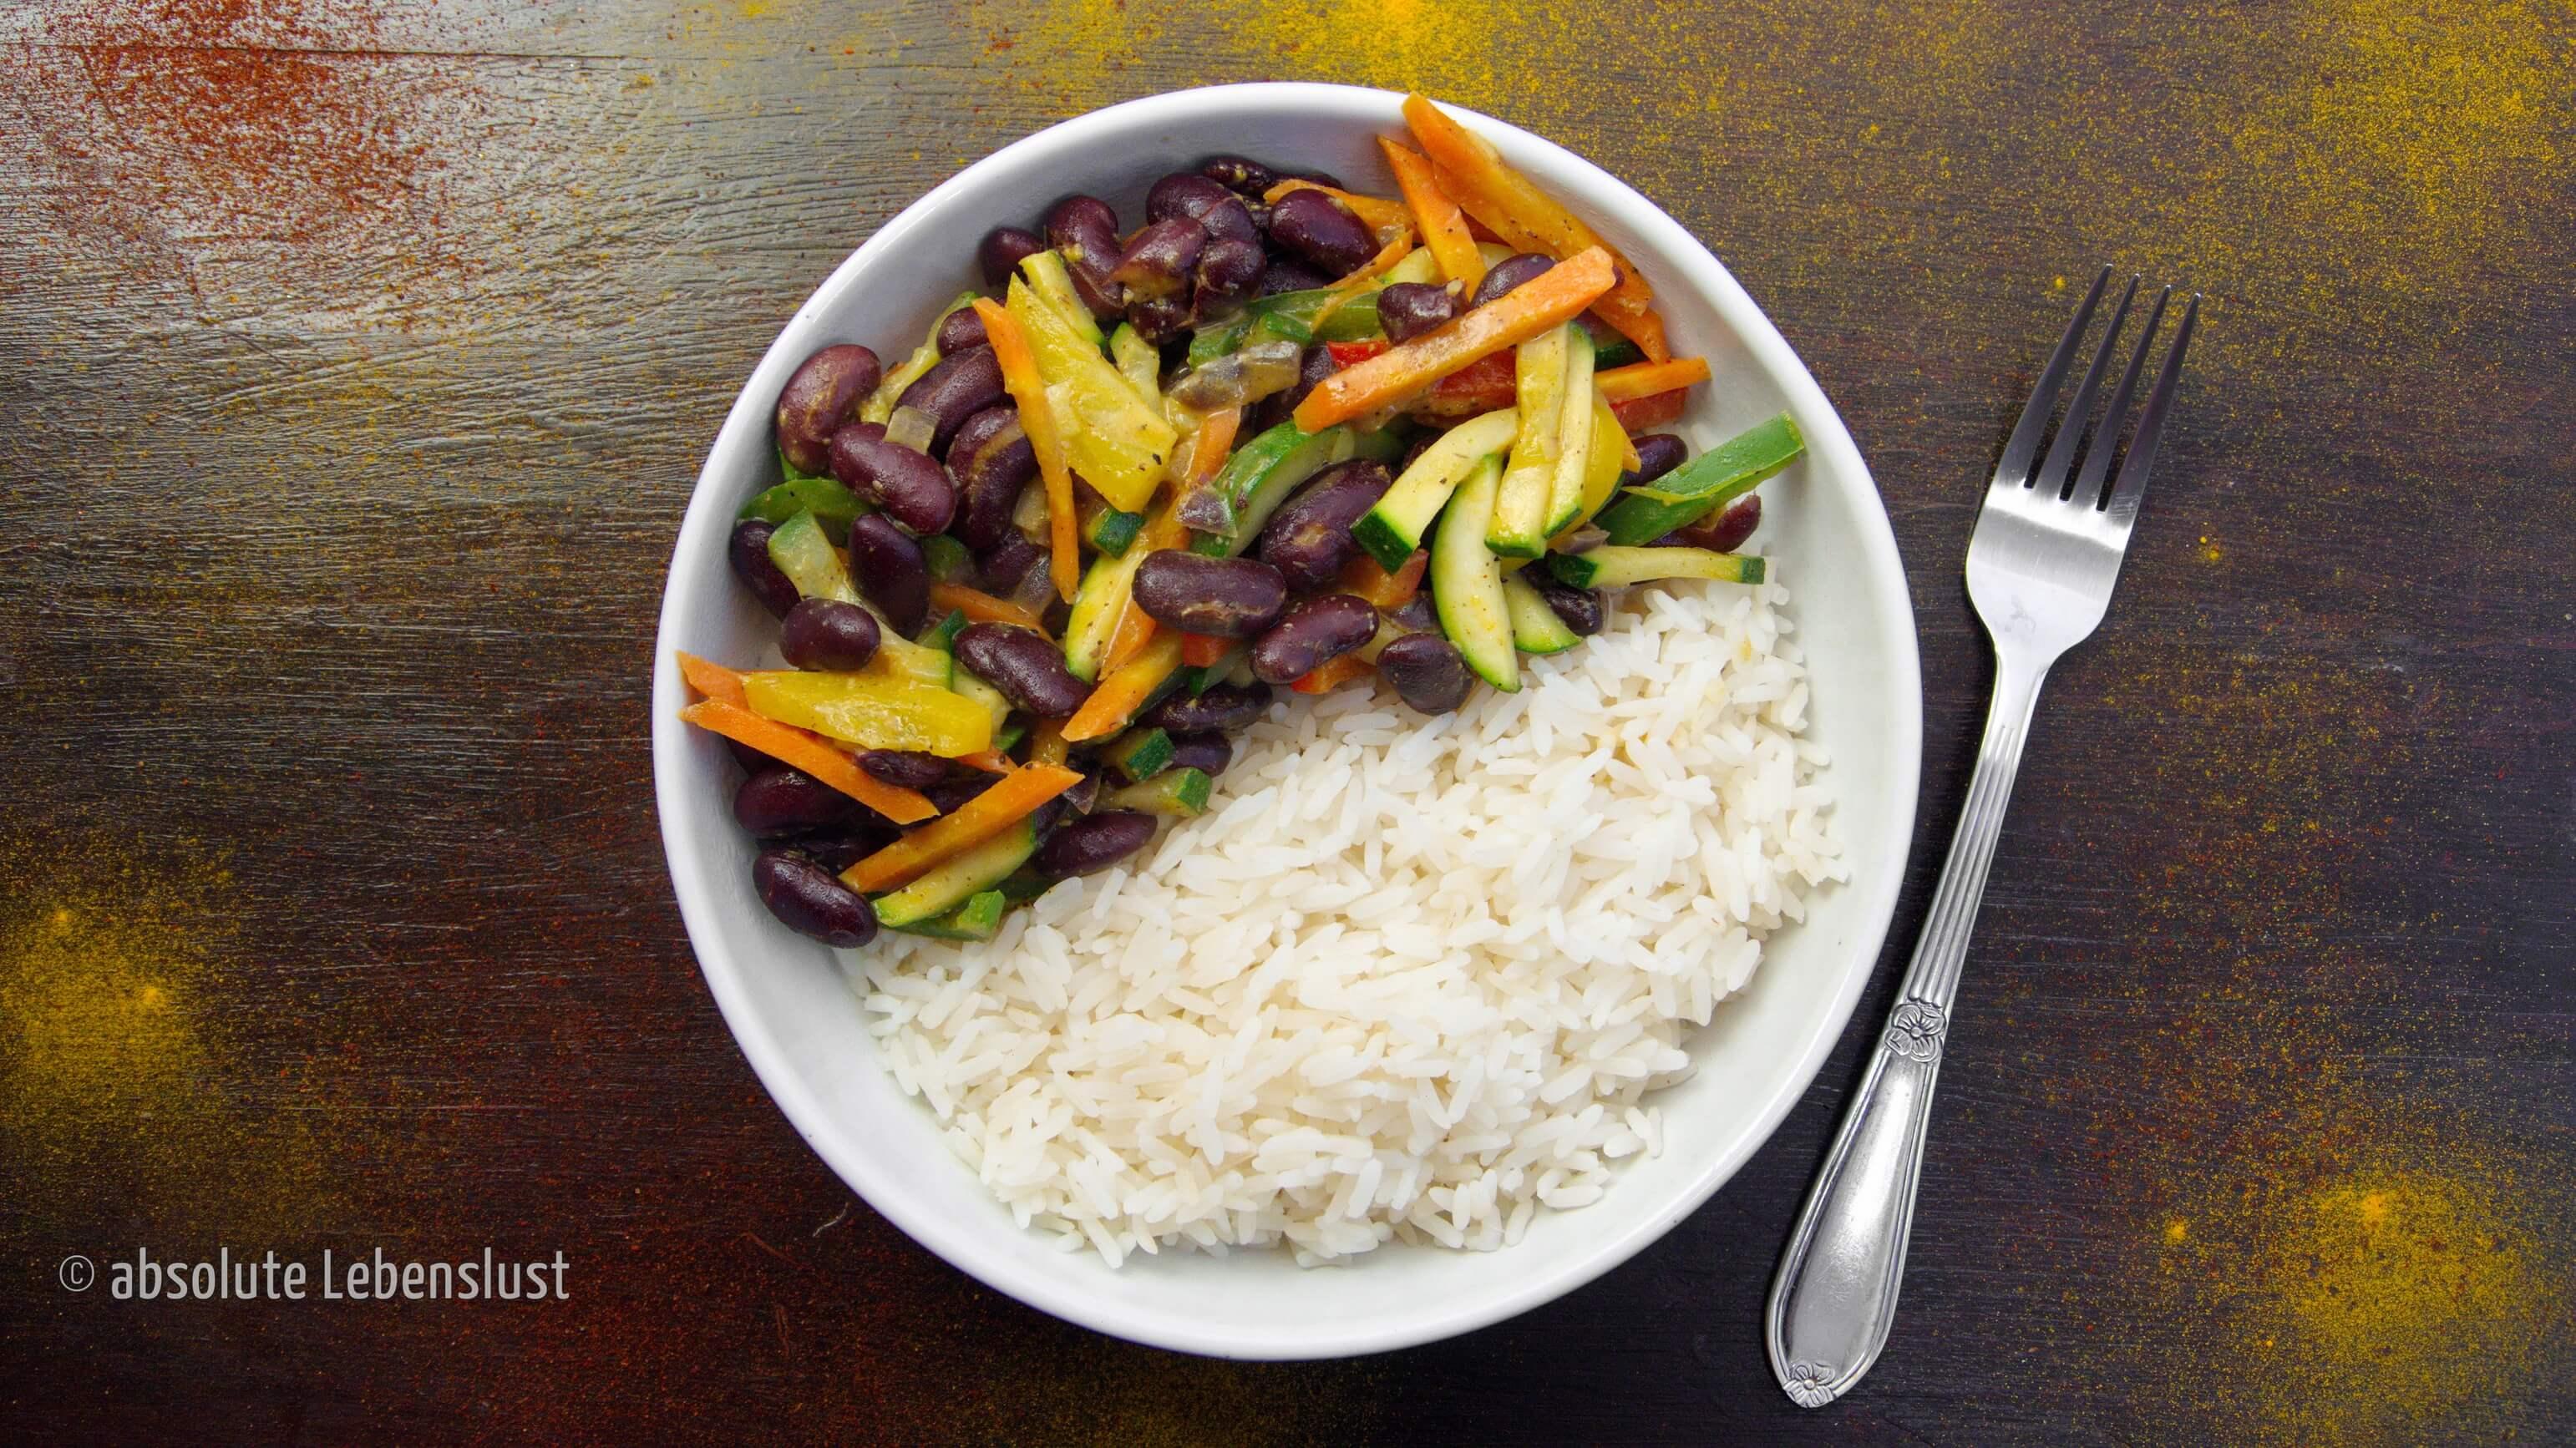 gemüsepfanne rezept, rezepte mit reis, resteverwertung, was koche ich heute, vegetarisch, vegan